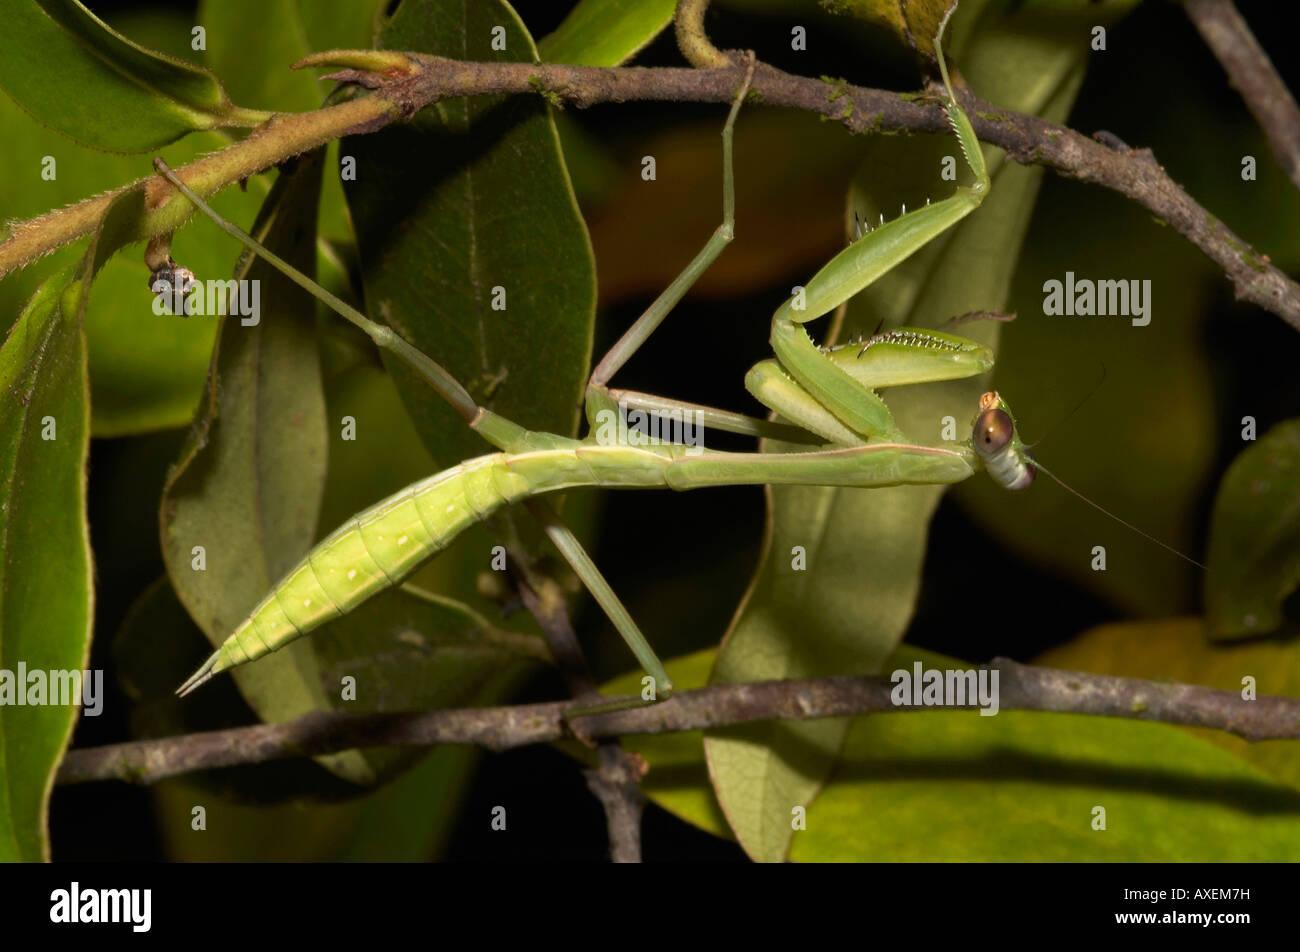 INSEKT, MANTIS. Mantis mit Flügel Knospen. Wahrscheinlich eine flugunfähige erwachsenes Weibchen. Fotografiert Stockbild